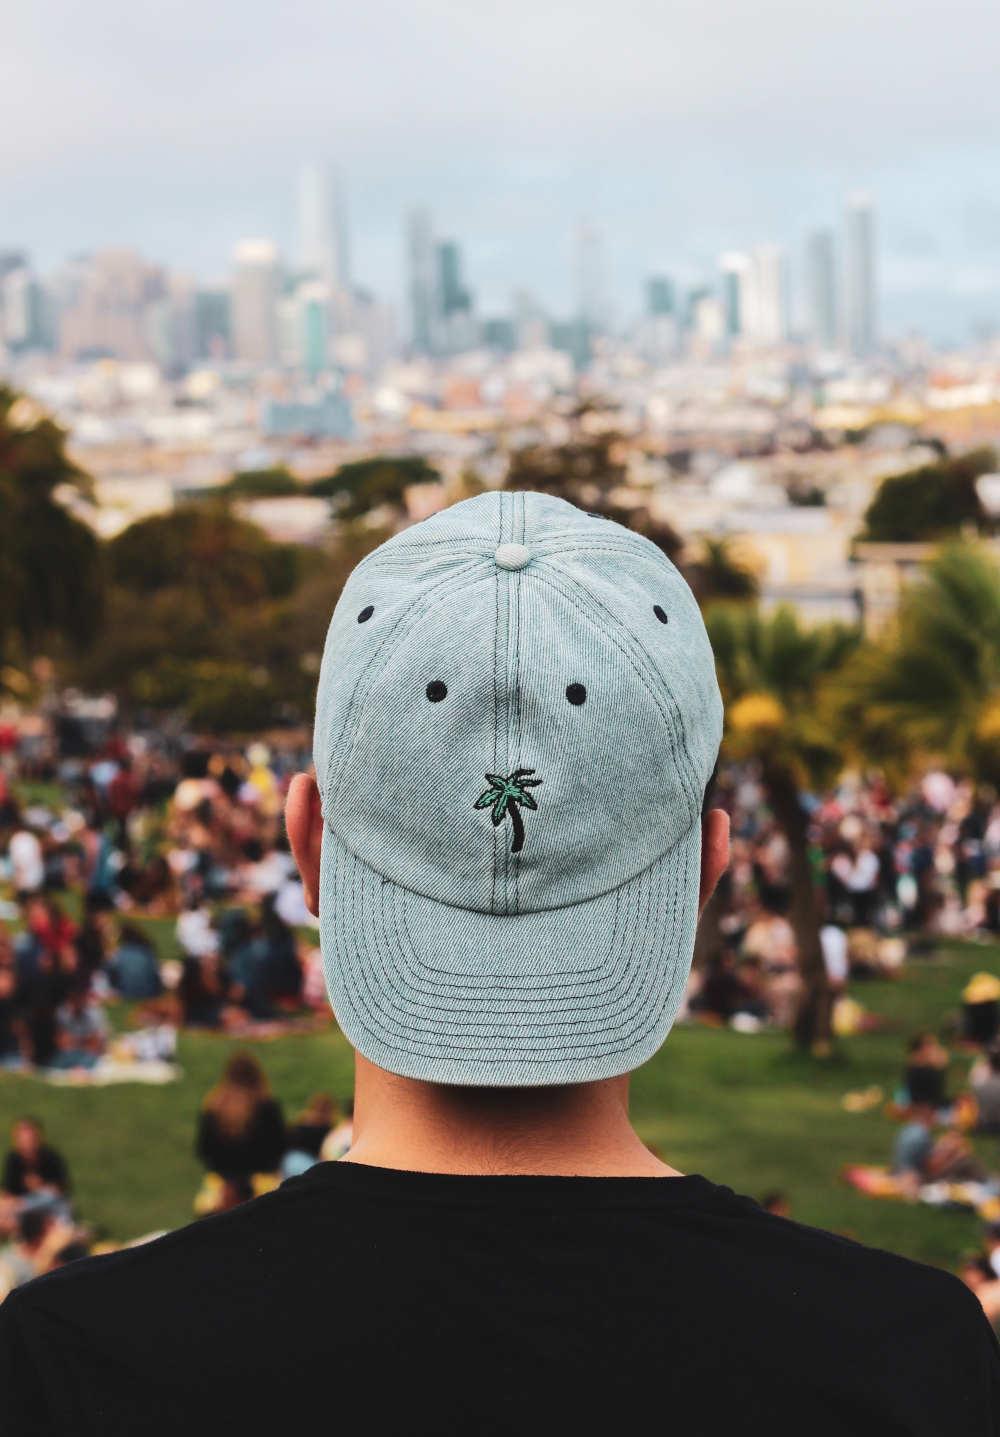 Mütze nach Haartransplantation